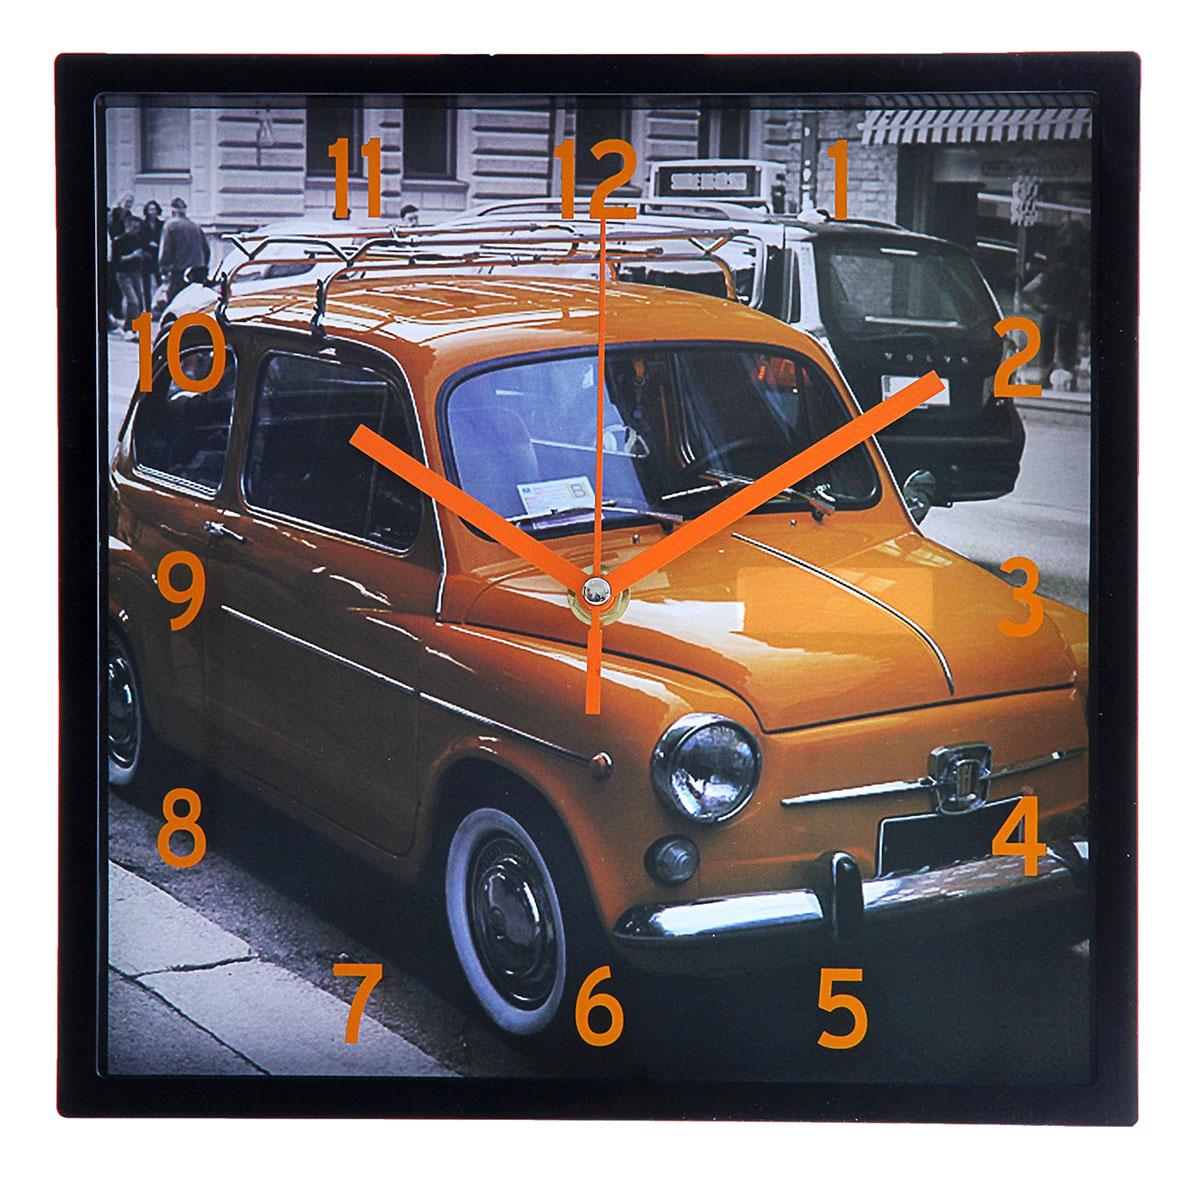 Часы настенные Ретро-автомобиль, 24 х 24 см760904Каждому хозяину периодически приходит мысль обновить свою квартиру, сделать ремонт, перестановку или кардинально поменять внешний вид каждой комнаты. Часы настенные квадратные Ретро-автомобиль, 24 ? 24 см, рама черная, стрелки и цифры оранжевые — привлекательная деталь, которая поможет воплотить вашу интерьерную идею, создать неповторимую атмосферу в вашем доме. Окружите себя приятными мелочами, пусть они радуют глаз и дарят гармонию.Часы настенные квадрат рама пласт черная на циферблате Ретроавтомобиль оранж 24*24см 760904